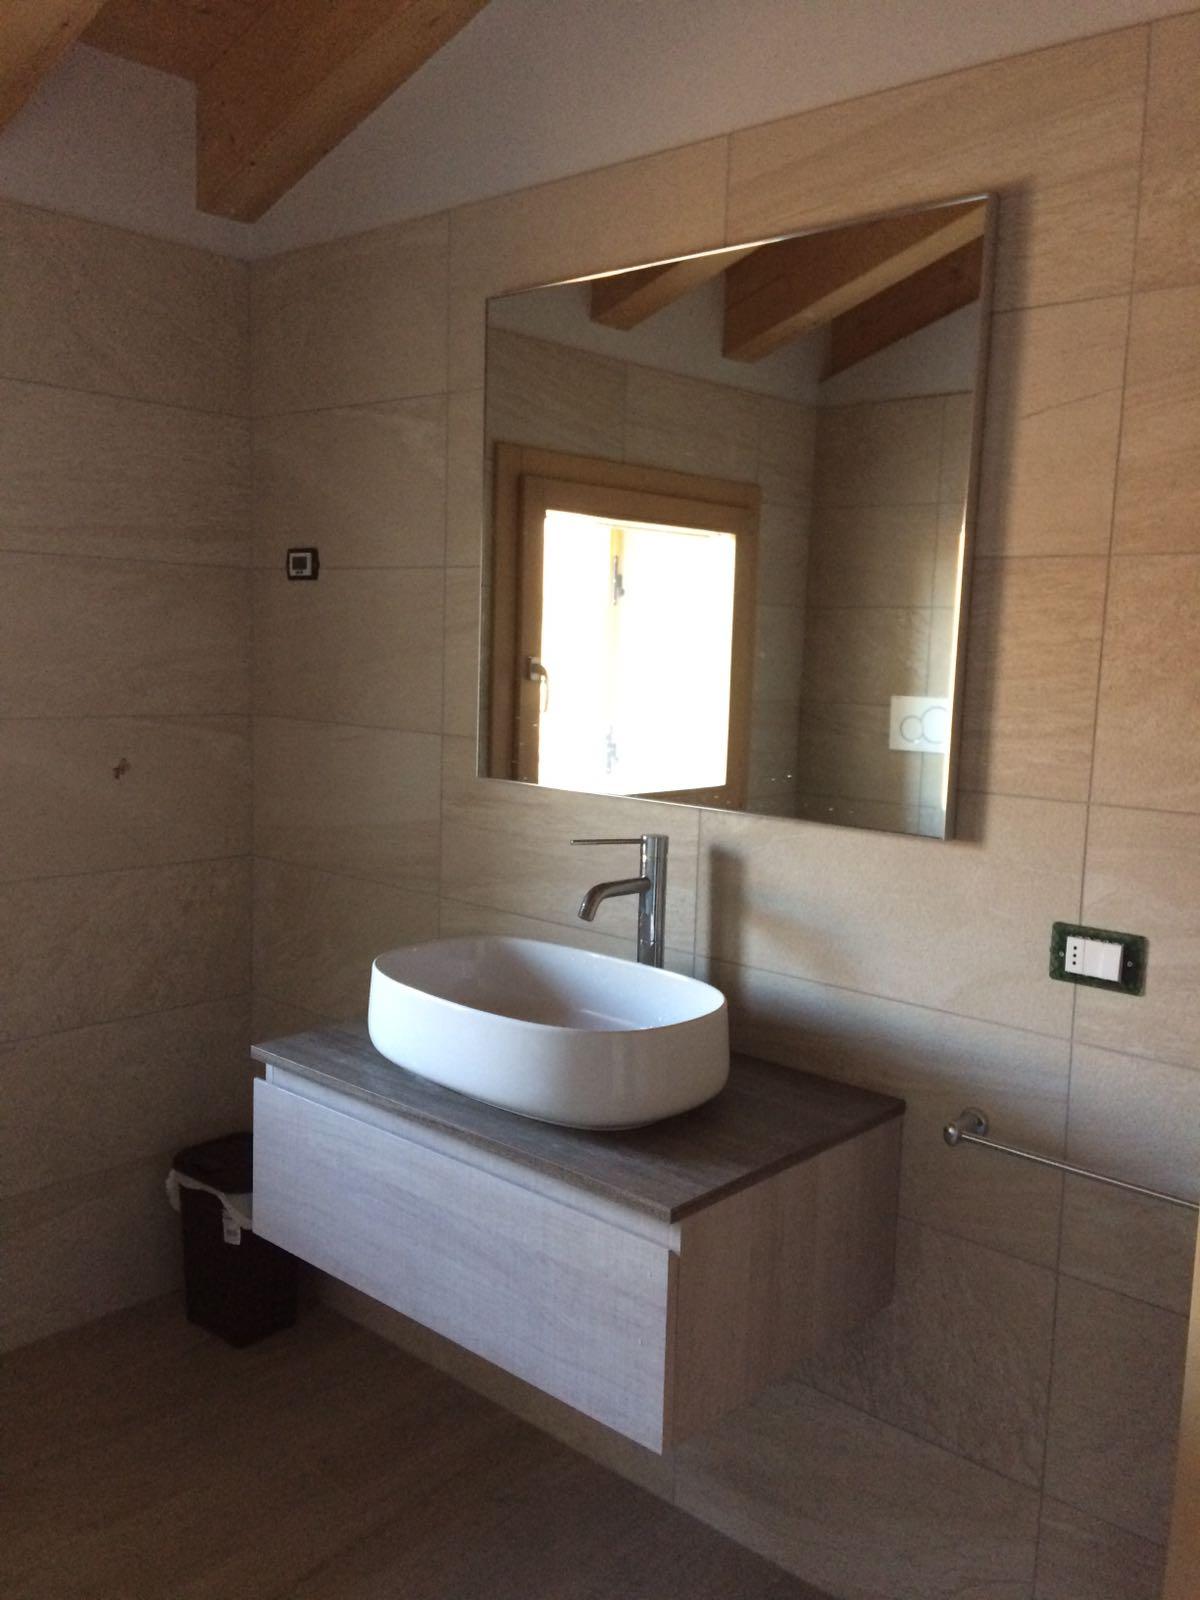 Maison du monde mobili bagno bello mobili per bagno for Maison du monde arredo bagno